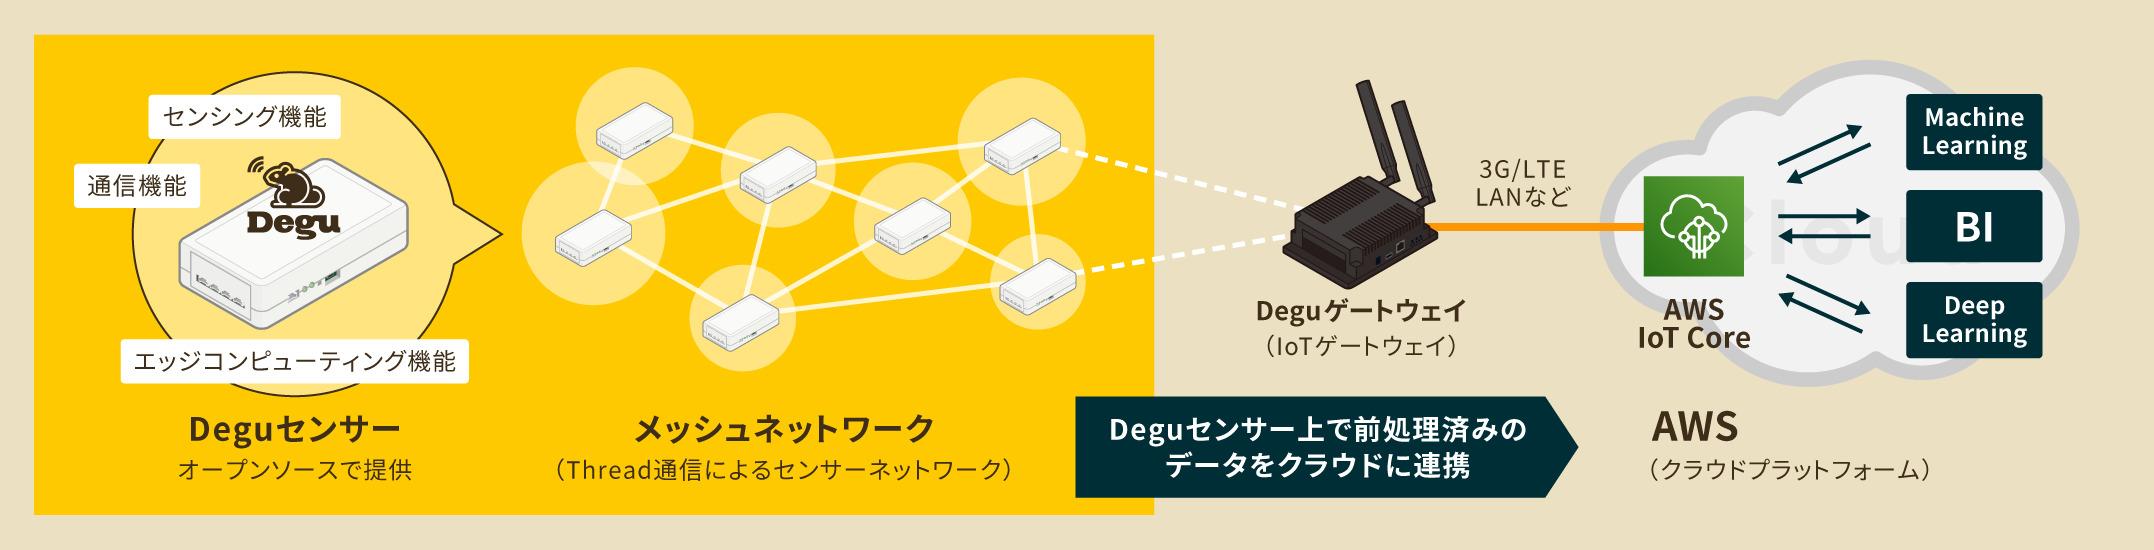 DeguセンサーとAWS IoT Coreの連携イメージ